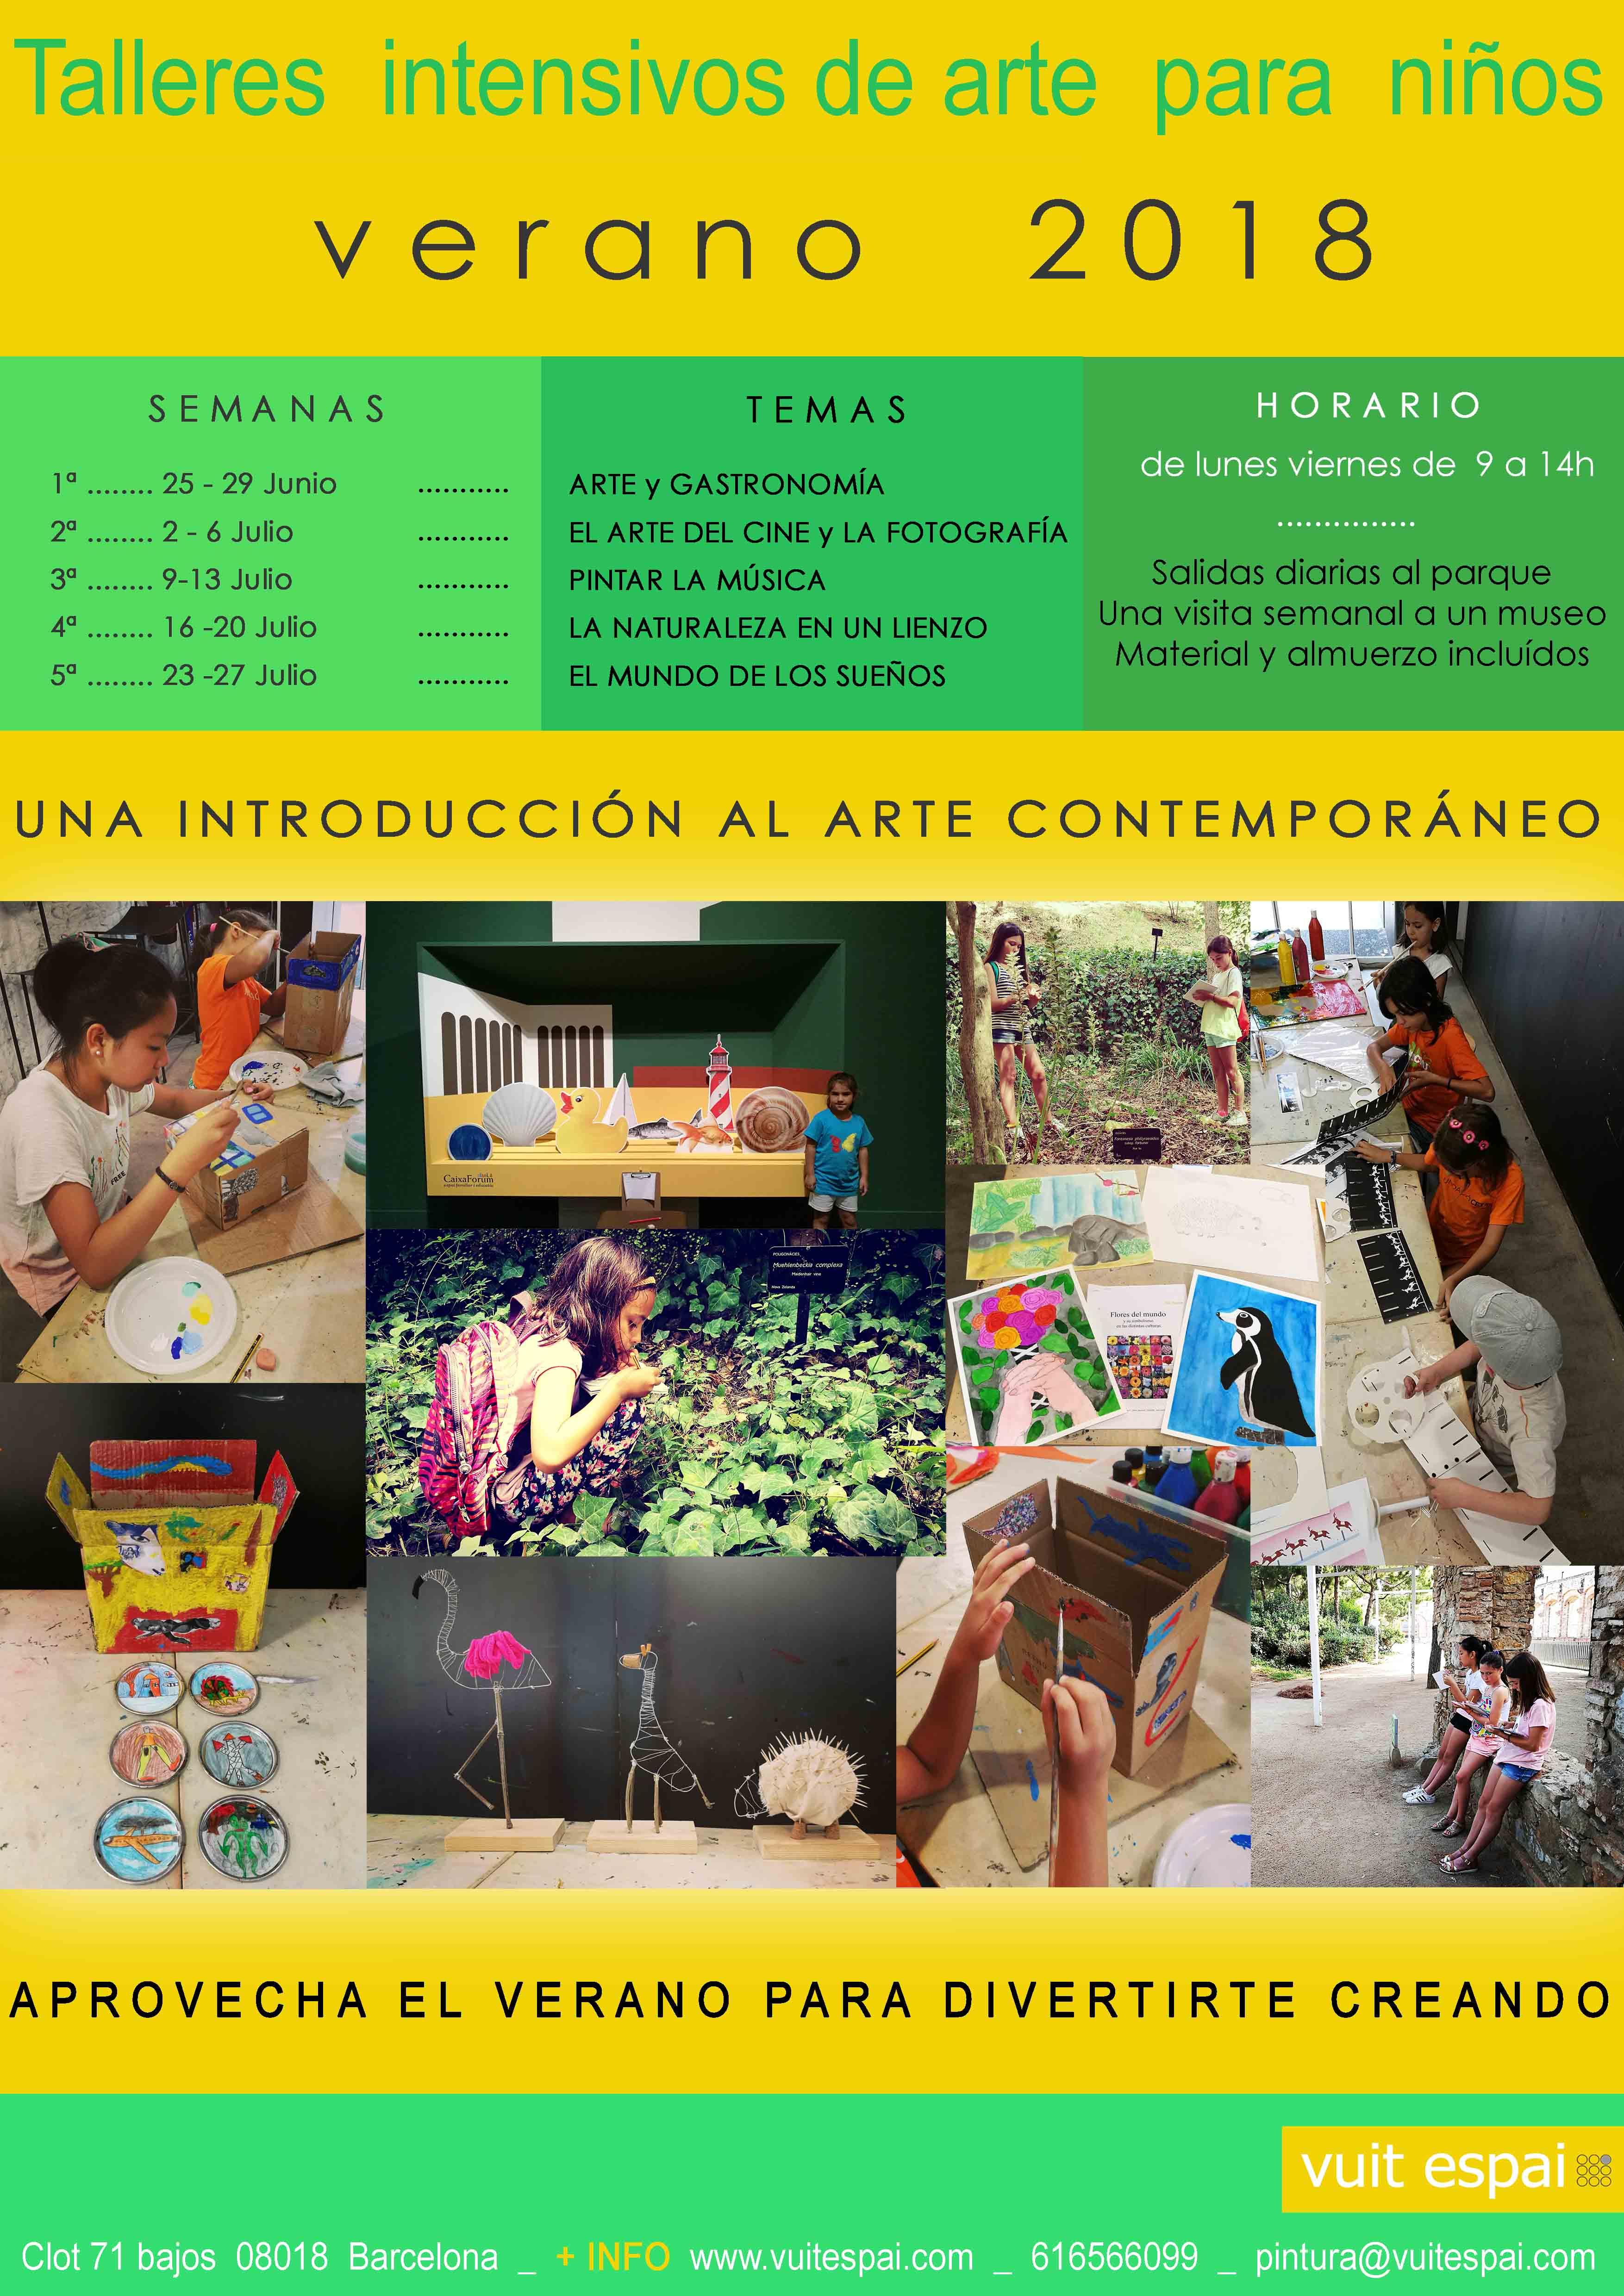 Taller de arte para ni os verano 2018 barcelona taller for Trabajos de verano barcelona